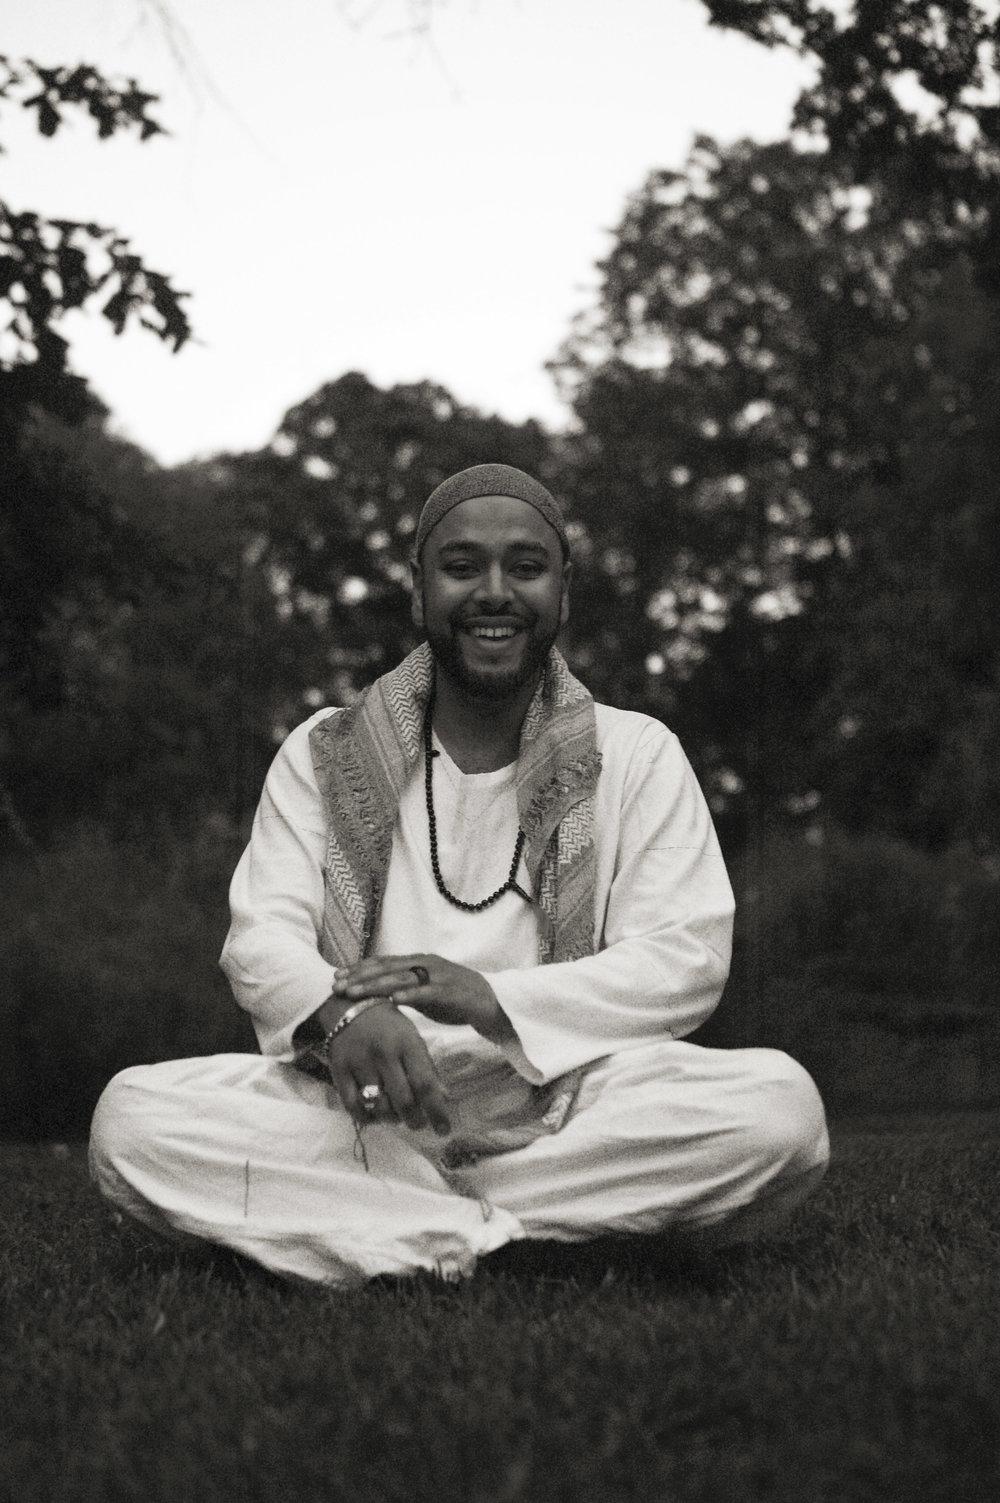 Ashar Khan Amerykhan - Ashar Khan har länge varit verksam inom kultur och social frågor bl.a som frilansande projektledare inom kultursektorn och i interreligiösa frågor och sammanhang. Han är dessutom en mycket uppskattad musiker och sångare i bandet Amerykhan.Ashar följer sedan många år Sufisk tradition där han har rollen som